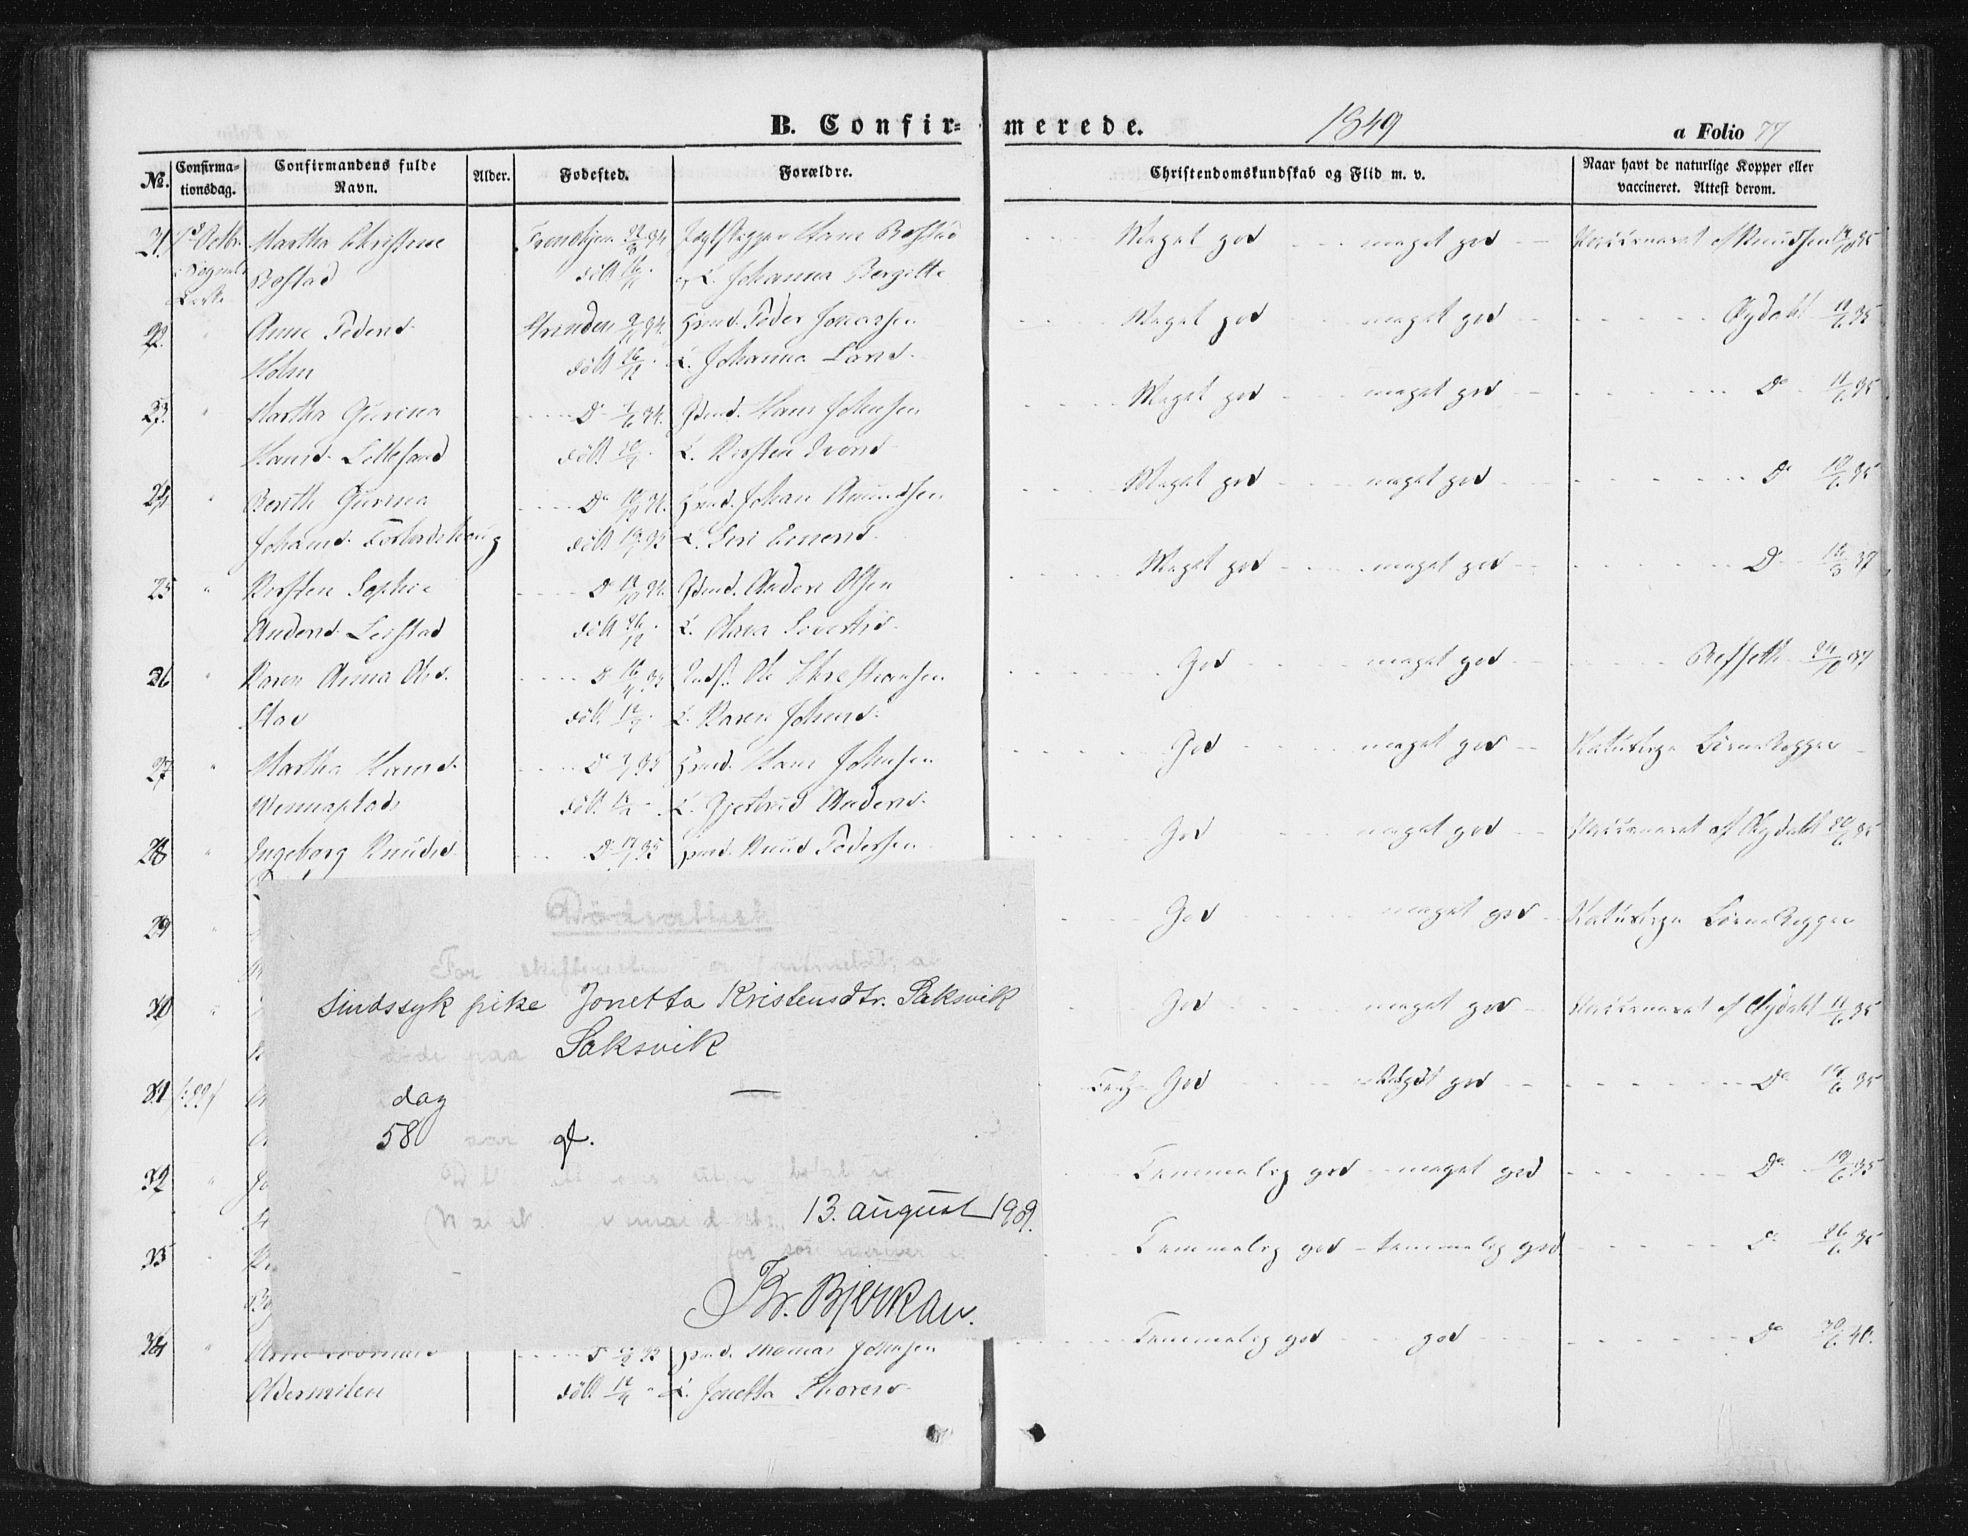 SAT, Ministerialprotokoller, klokkerbøker og fødselsregistre - Sør-Trøndelag, 616/L0407: Ministerialbok nr. 616A04, 1848-1856, s. 77